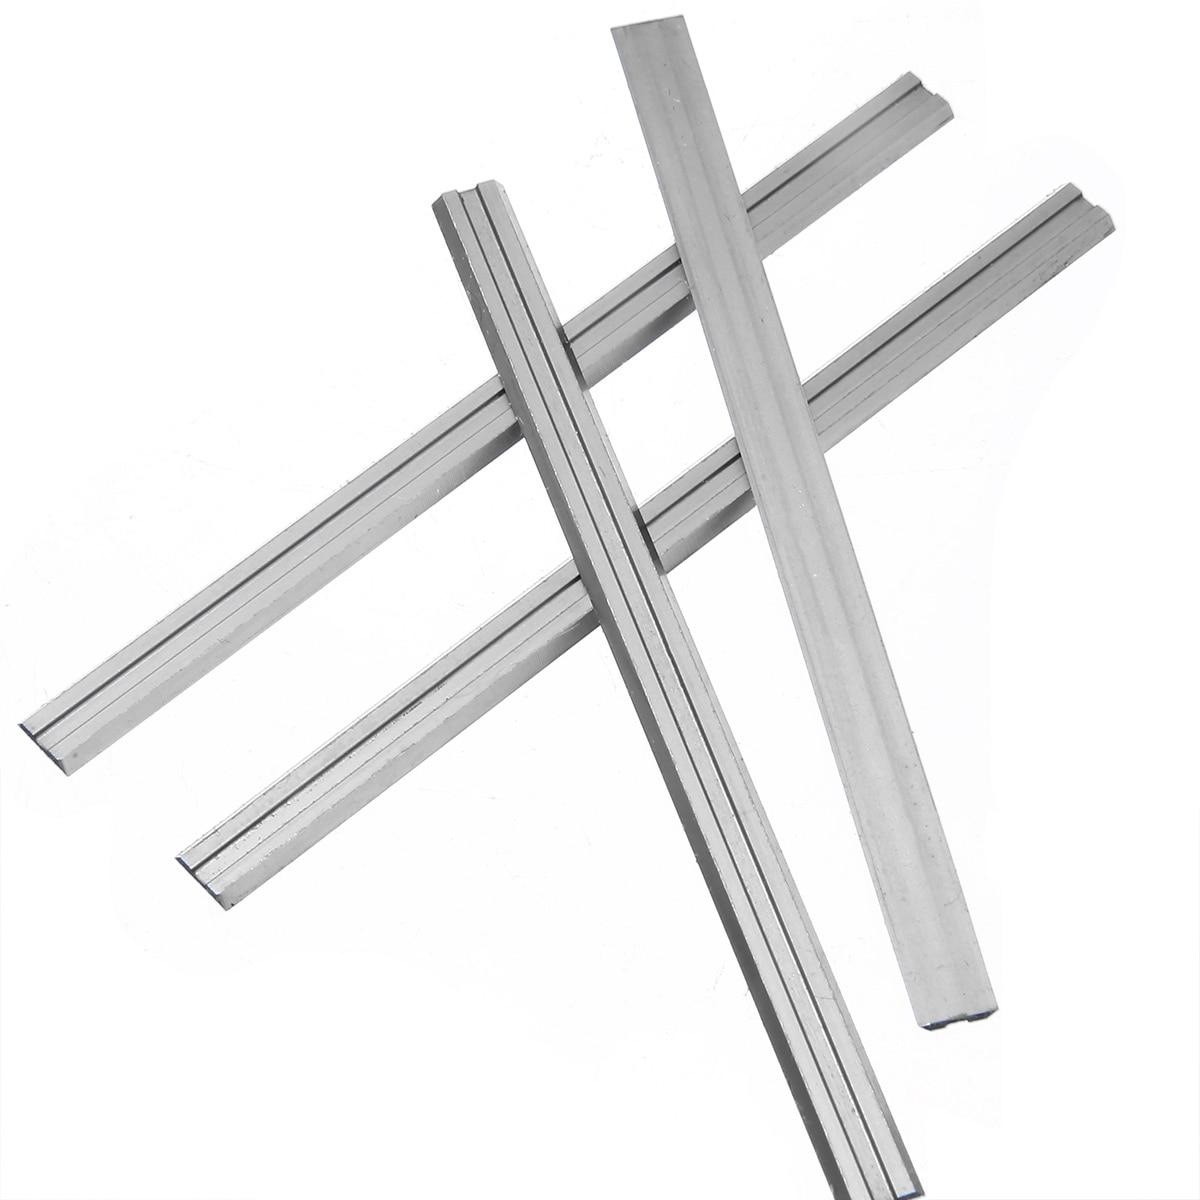 4pcs/set 82mm Planer Blades Knife For Bosch PHO 25-82 / PHO 200 / PHO 16-82 / B34 HM Carbide Wood Planer Blade